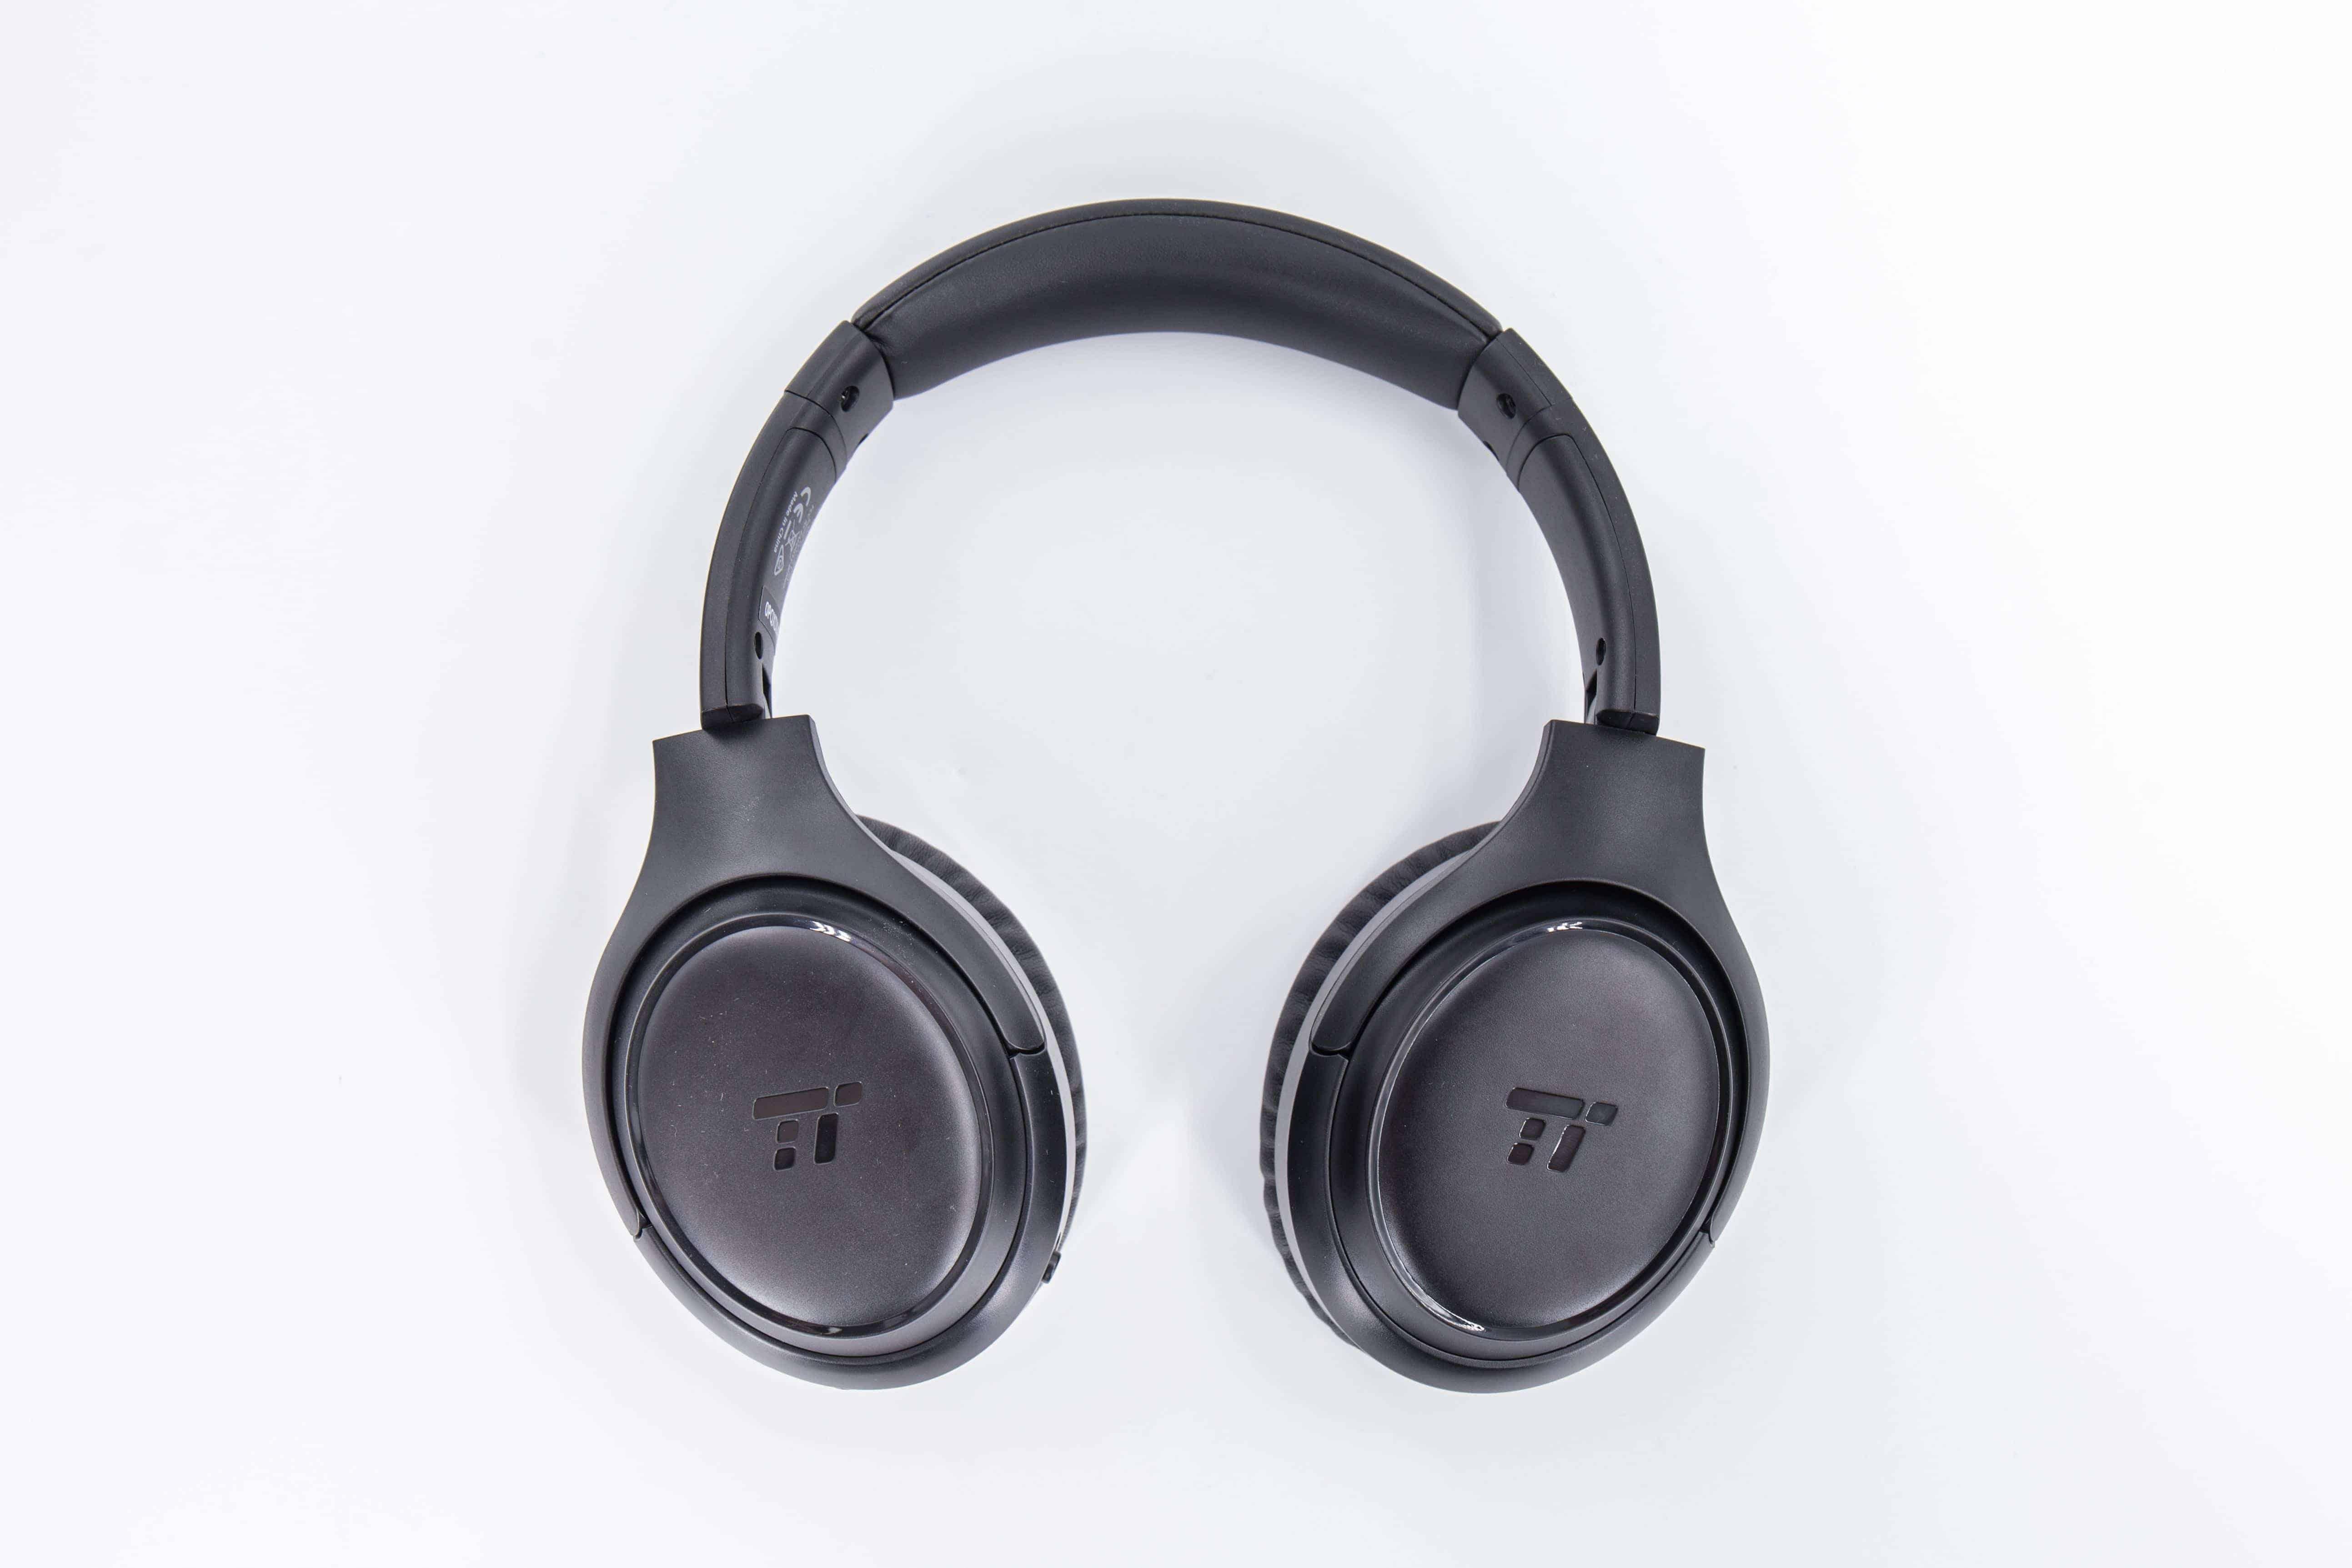 與Sony和Bose同級美學!TaoTronics SoundSurge 60降噪耳罩耳機推薦